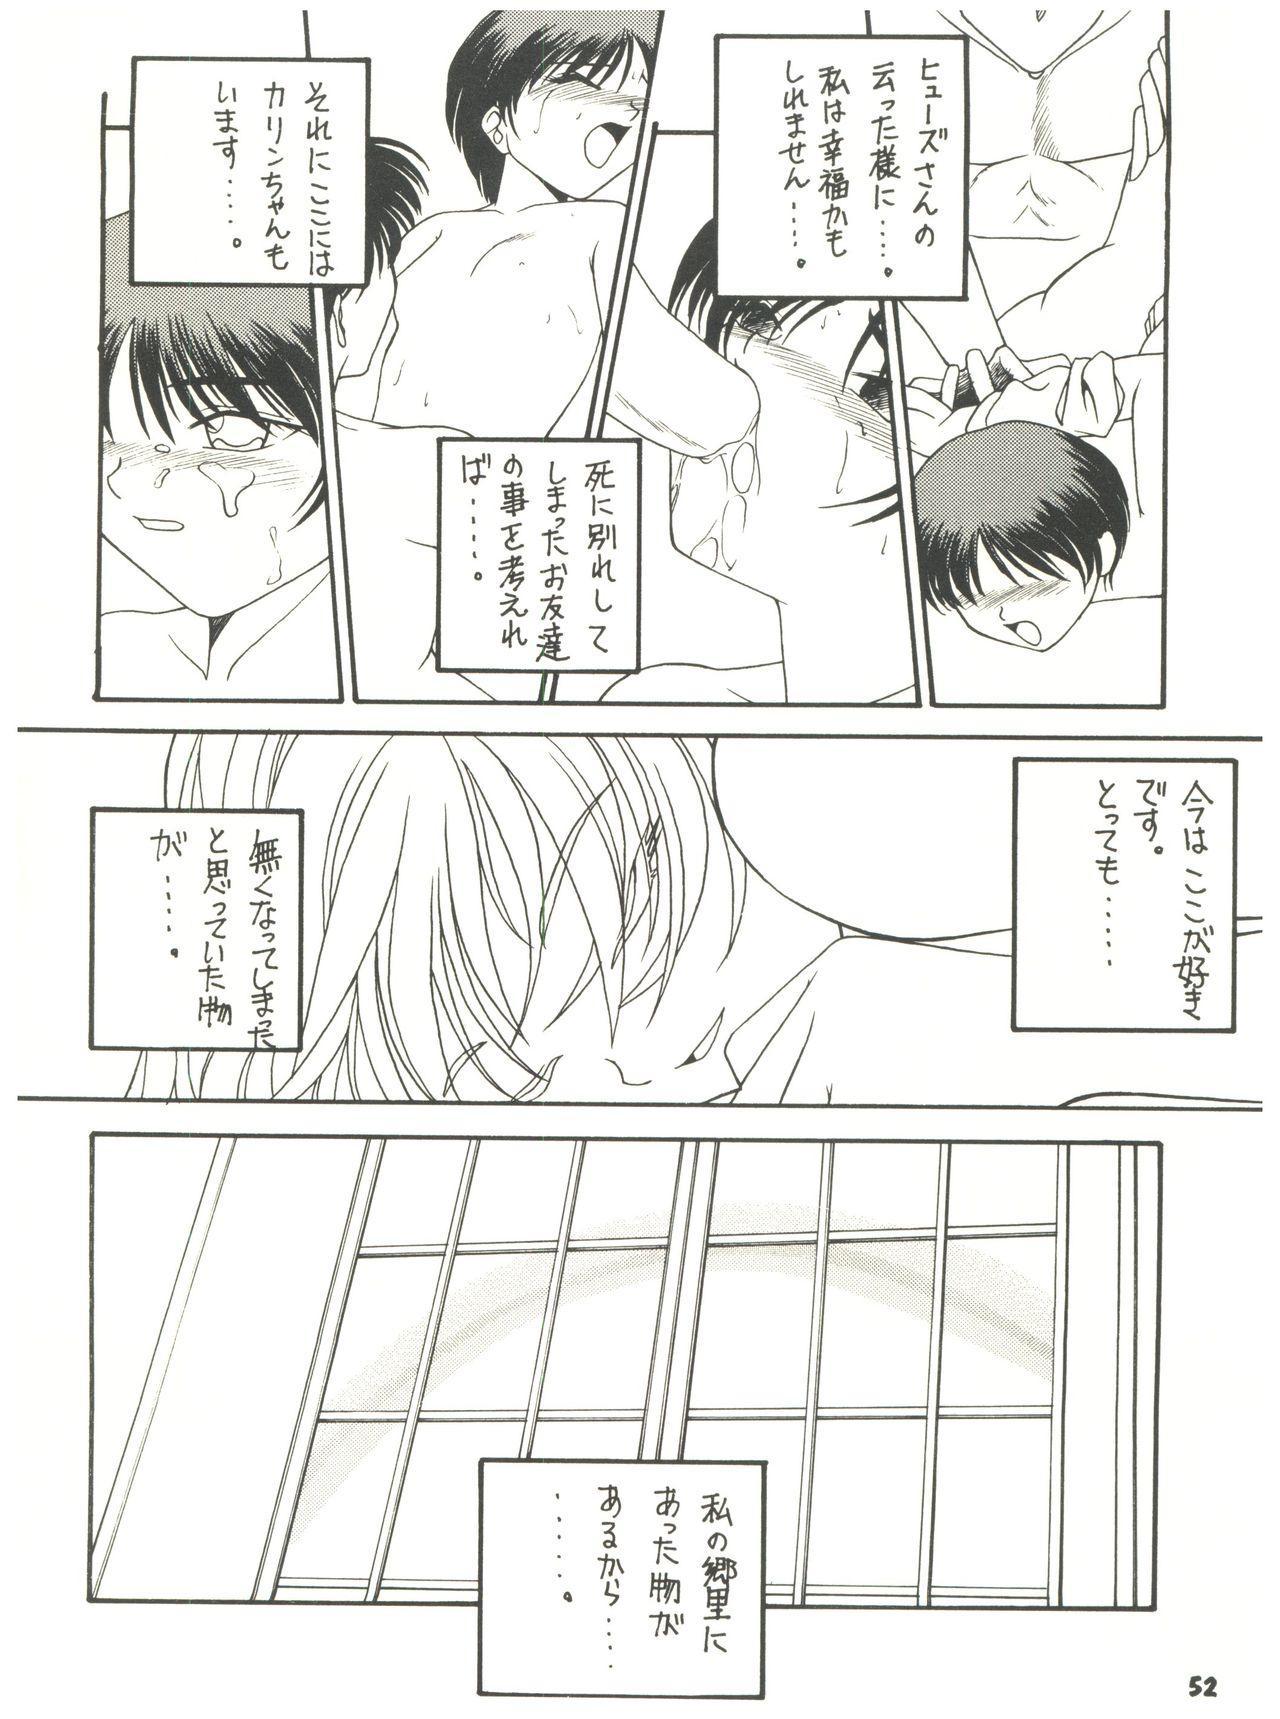 [Sairo Publishing (J. Sairo) En-Jack 2 (Various) 51